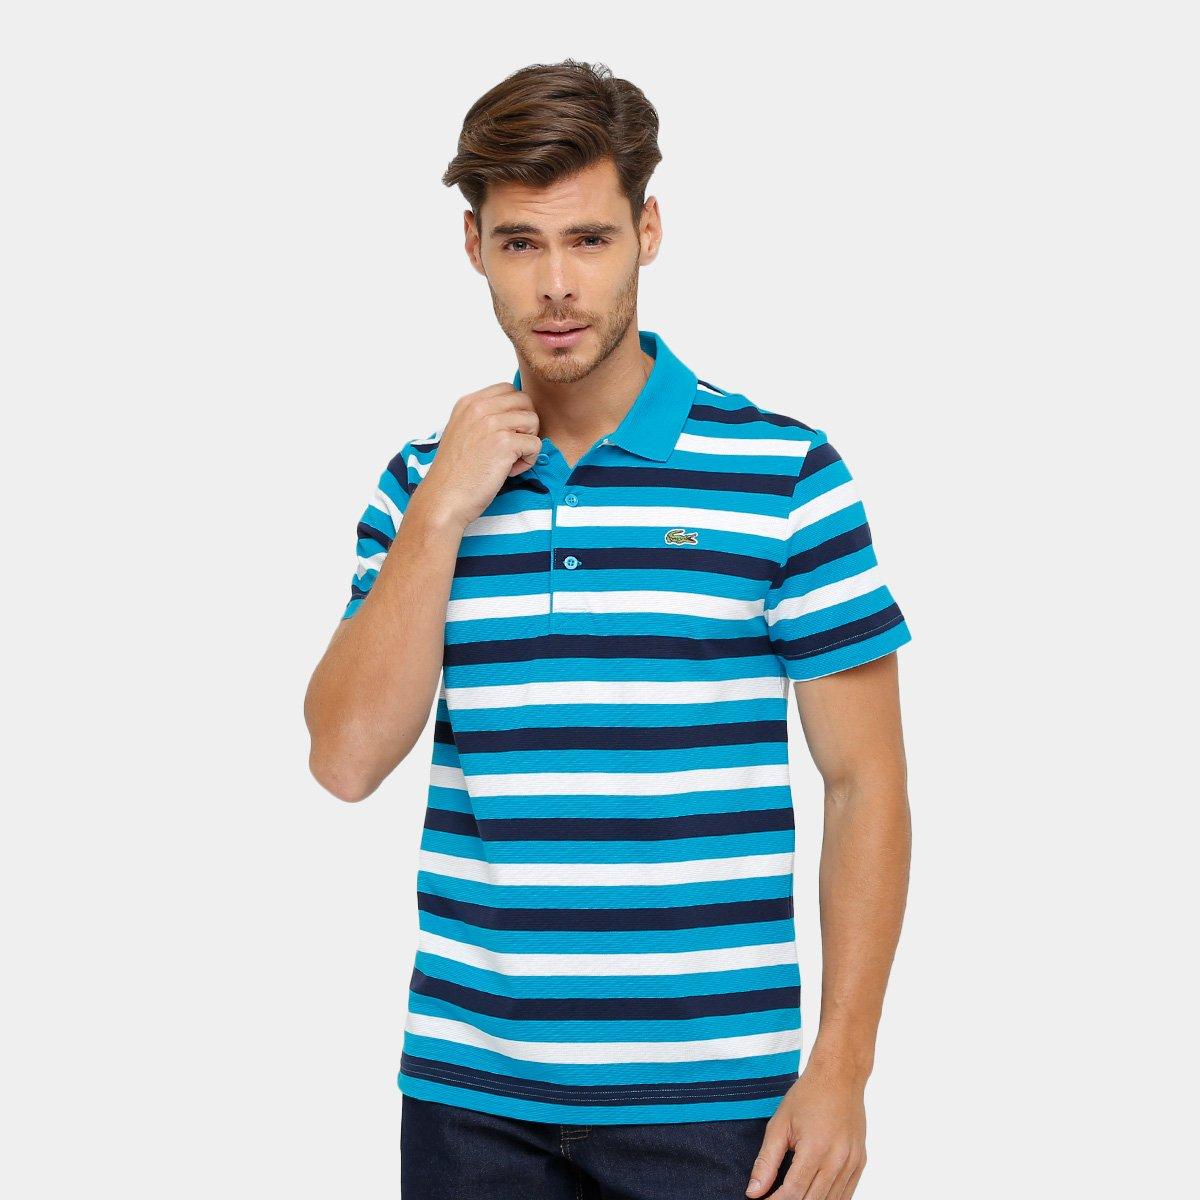 540ebbce5012a Camisa Polo Lacoste Listrada Masculina - Compre Agora